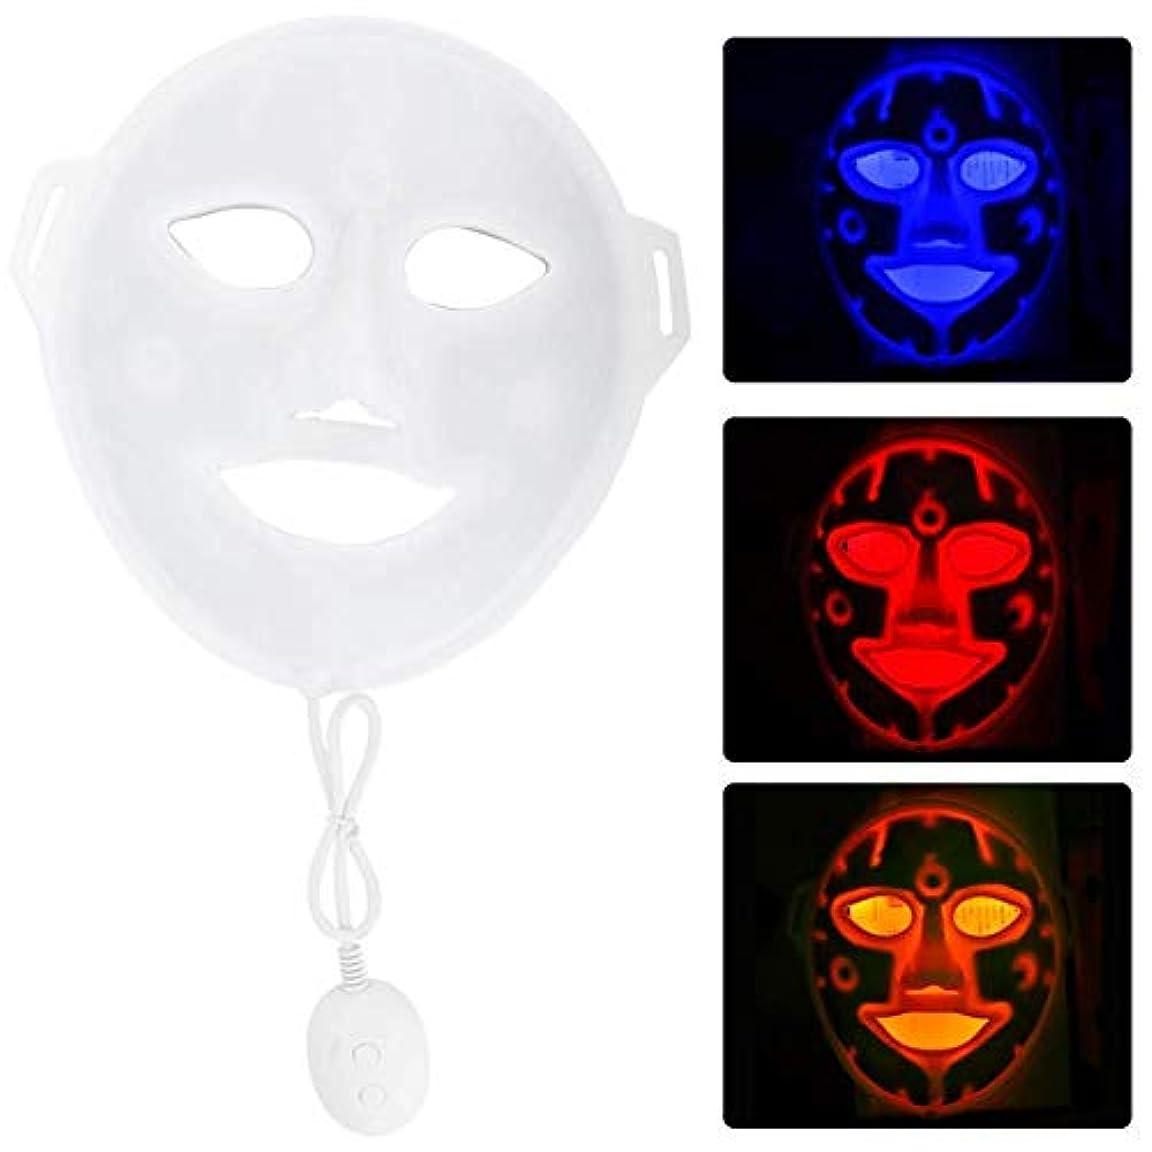 ボルト最少新しい意味3色はマスクの顔の皮療法機械反老化の電気マスクの表面処置の美用具を導きました